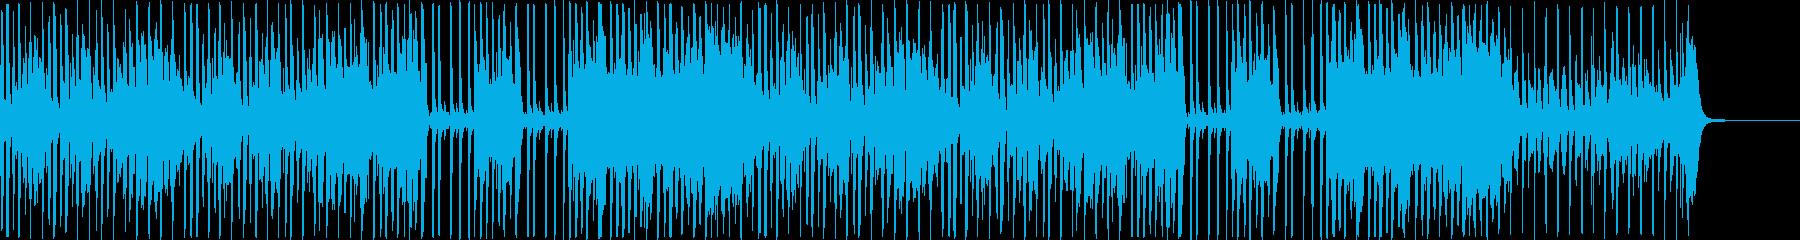 【リズムなし】楽しく元気口笛BGMの再生済みの波形